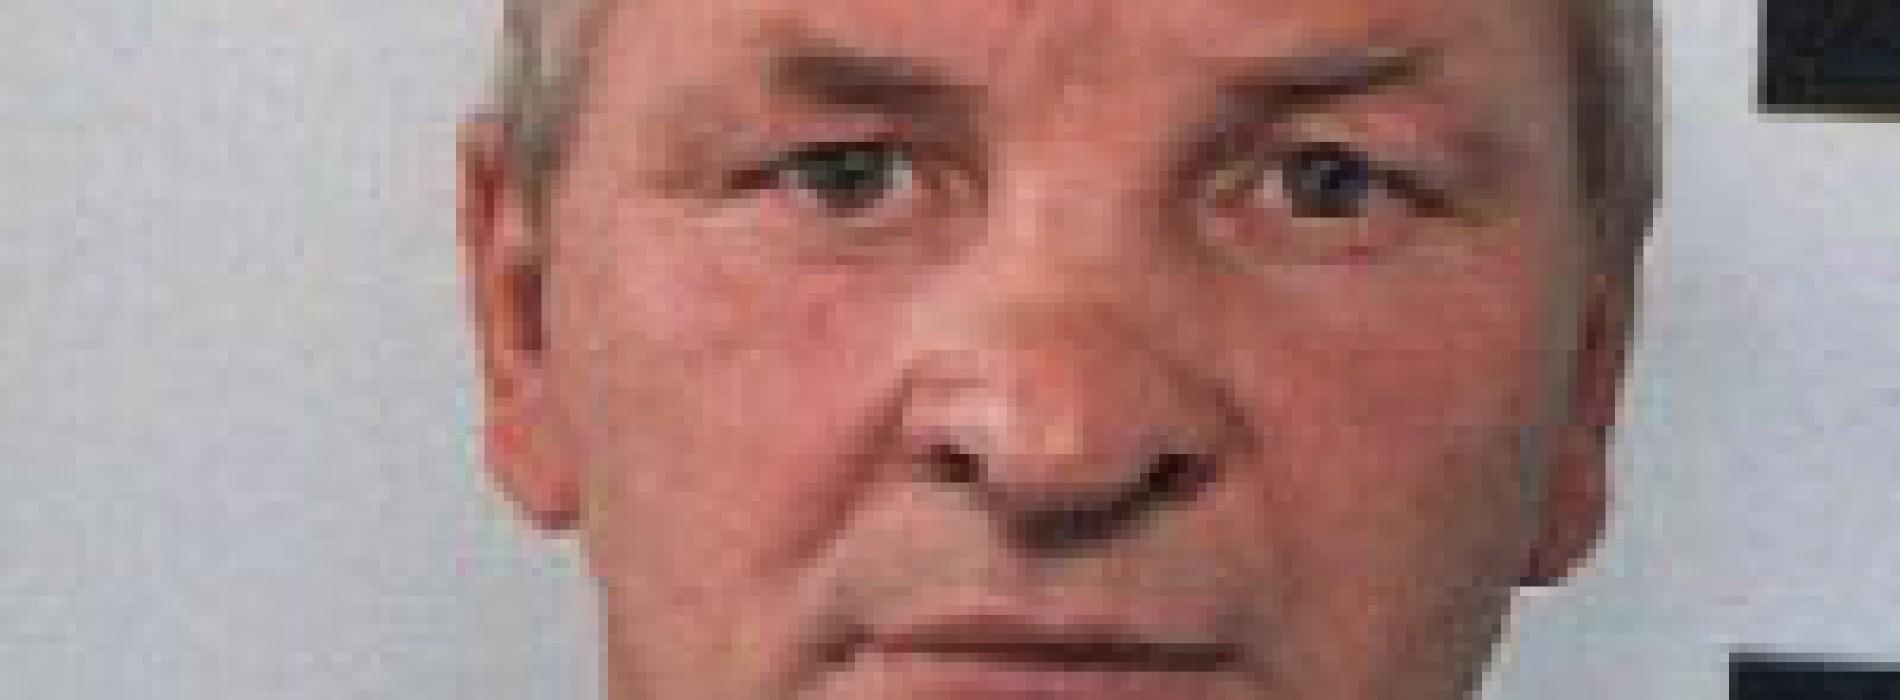 Policja poszukuje tego mężczyzny. Jest podejrzany o zabójstwo.